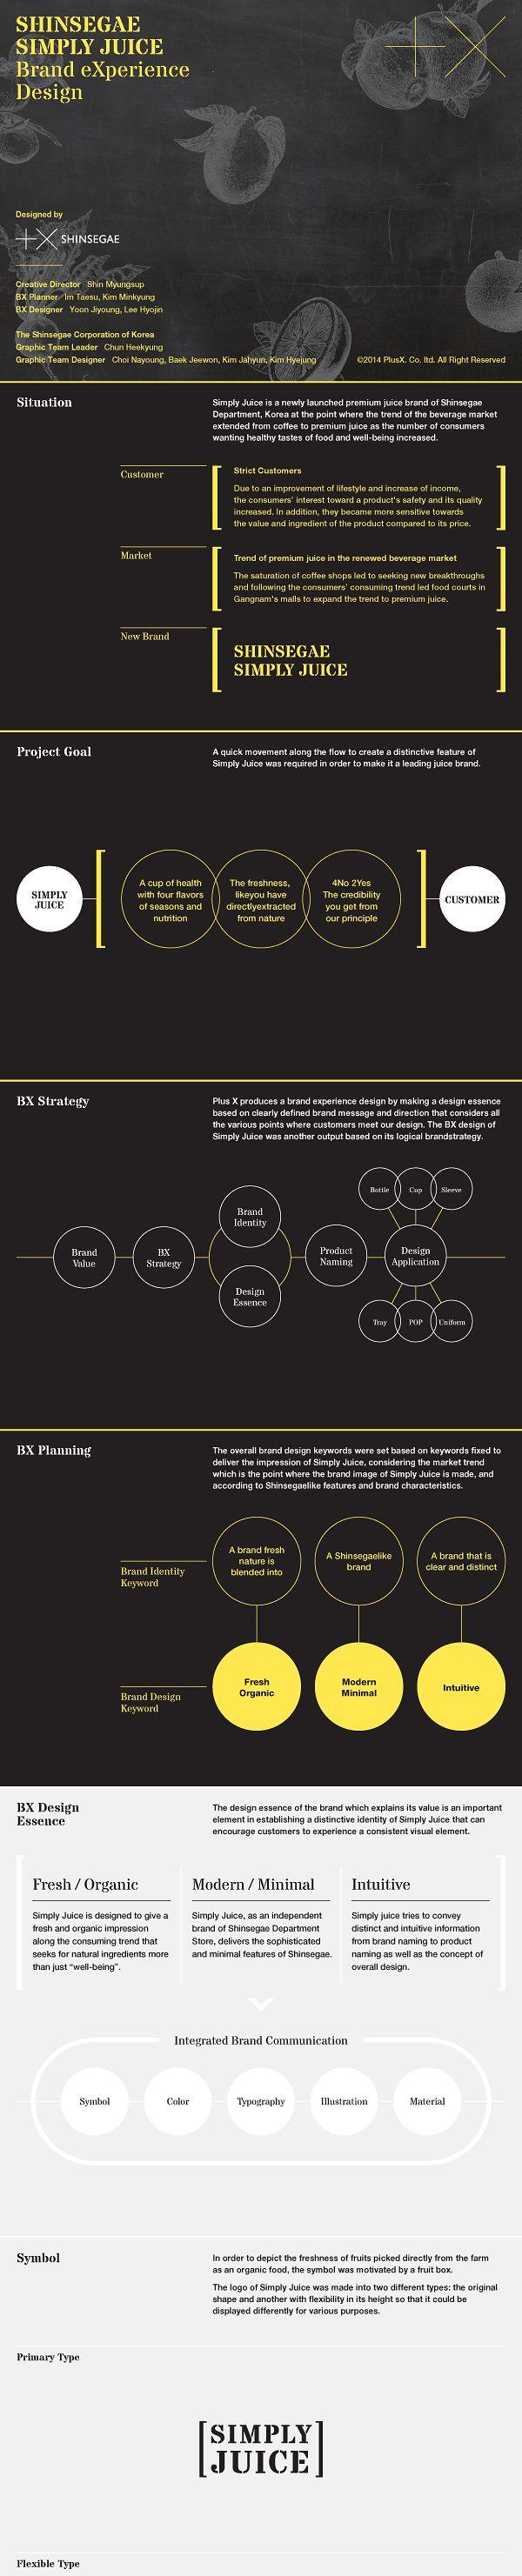 브랜딩에 신세계 간단하게 주스 브랜드 경험 디자인은 봉사